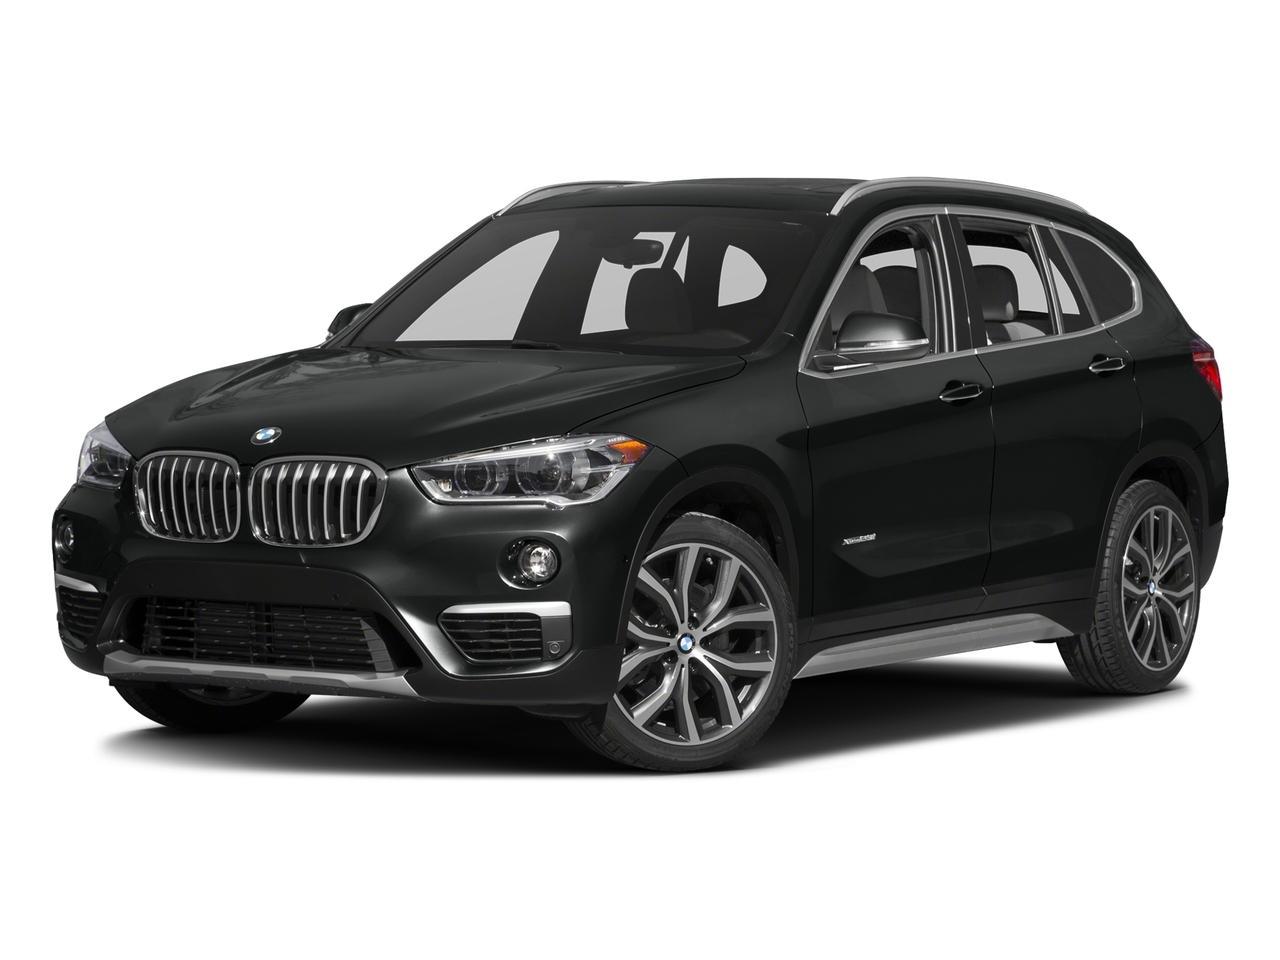 2016 BMW X1 xDrive28i Vehicle Photo in Beaufort, SC 29906